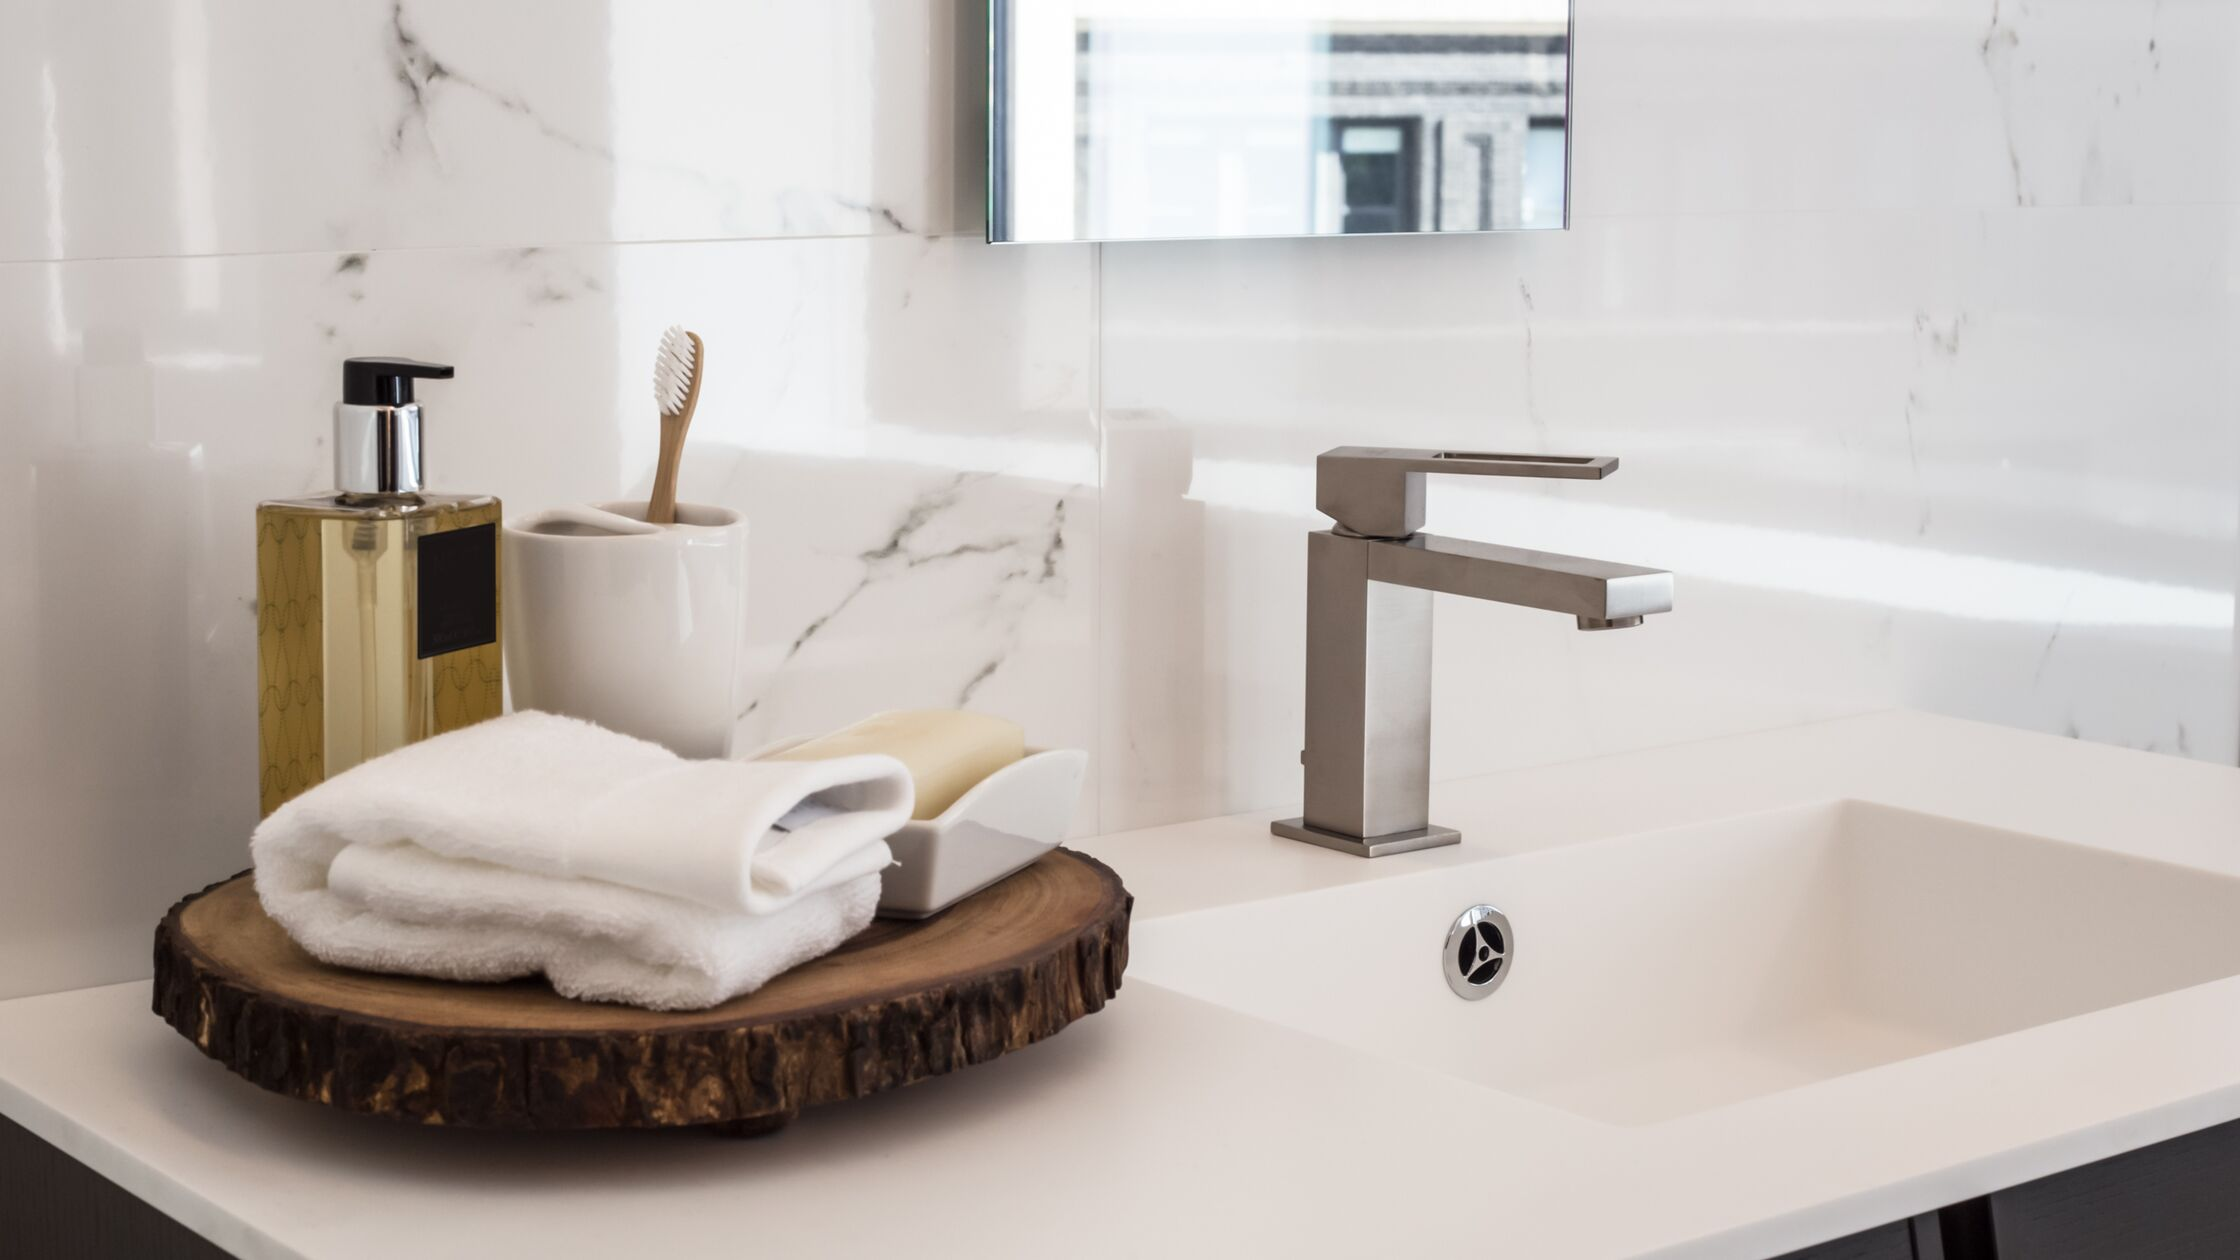 Waschbecken mit Handtuch und Seife